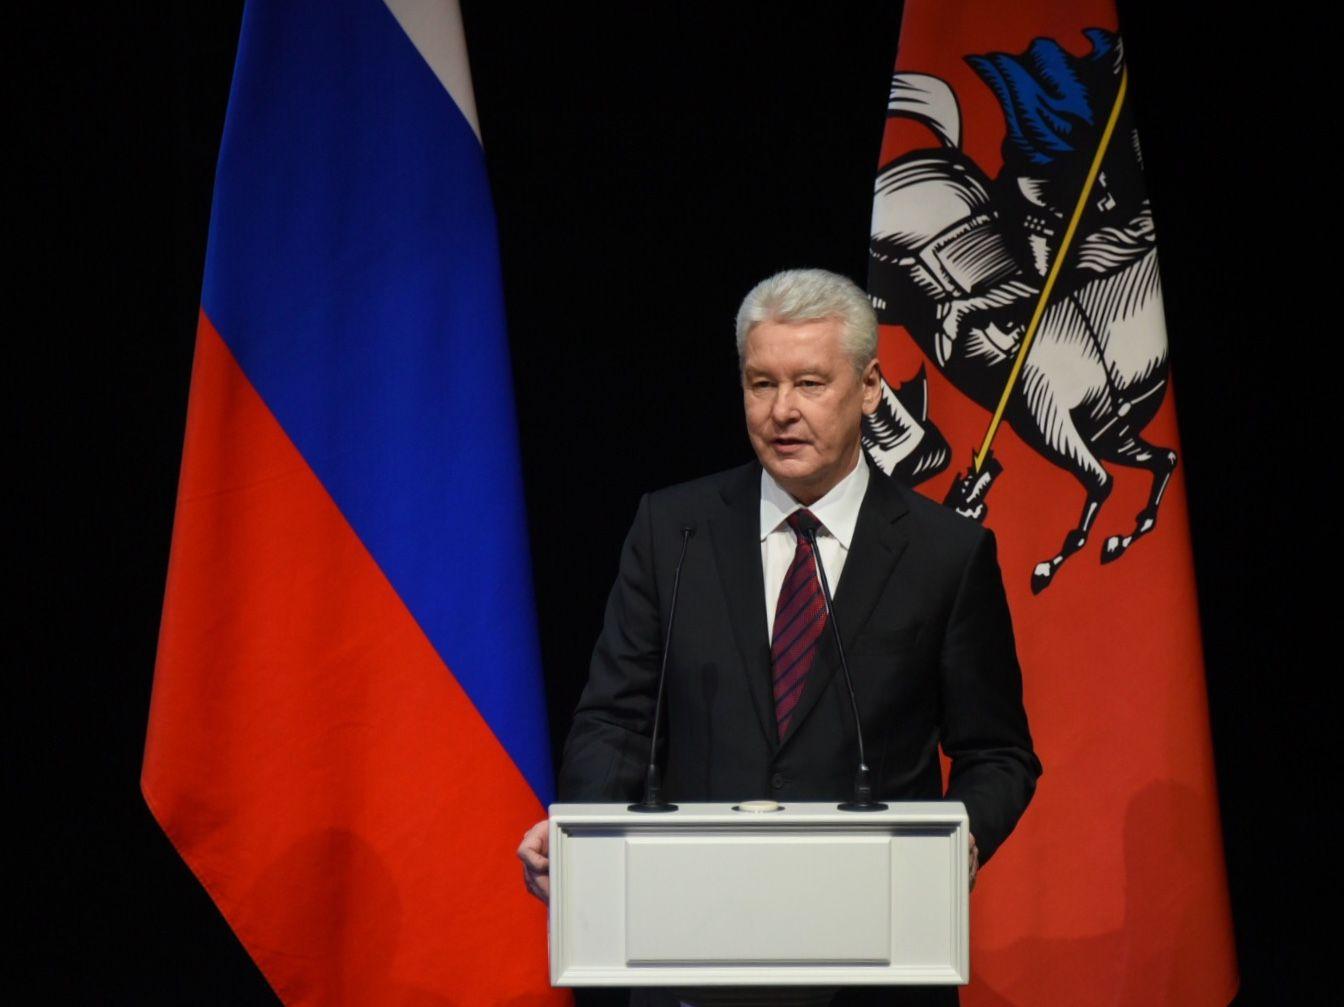 Сергей Собянин анонсировал благоустройство вокзальных территорий в Москве